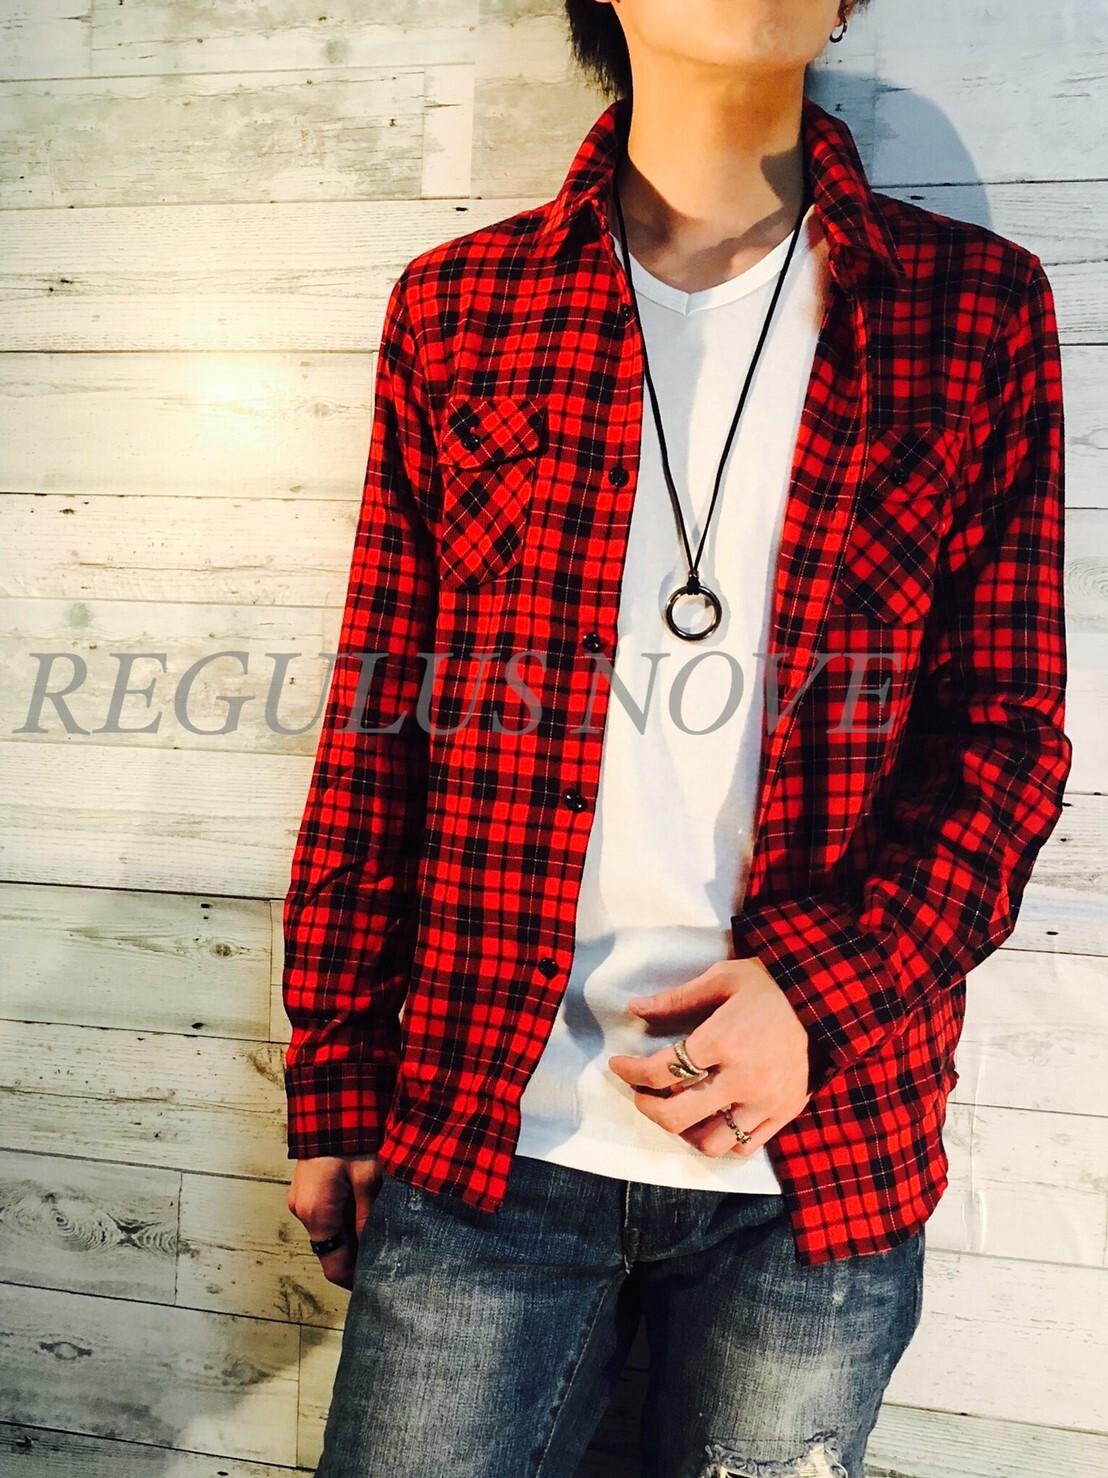 REGULUS NOVE マルチカラープレーンチェックシャツ RED  メンズ レディース ユニセックス 春物 夏物 長袖 大人 シンプル レイヤード